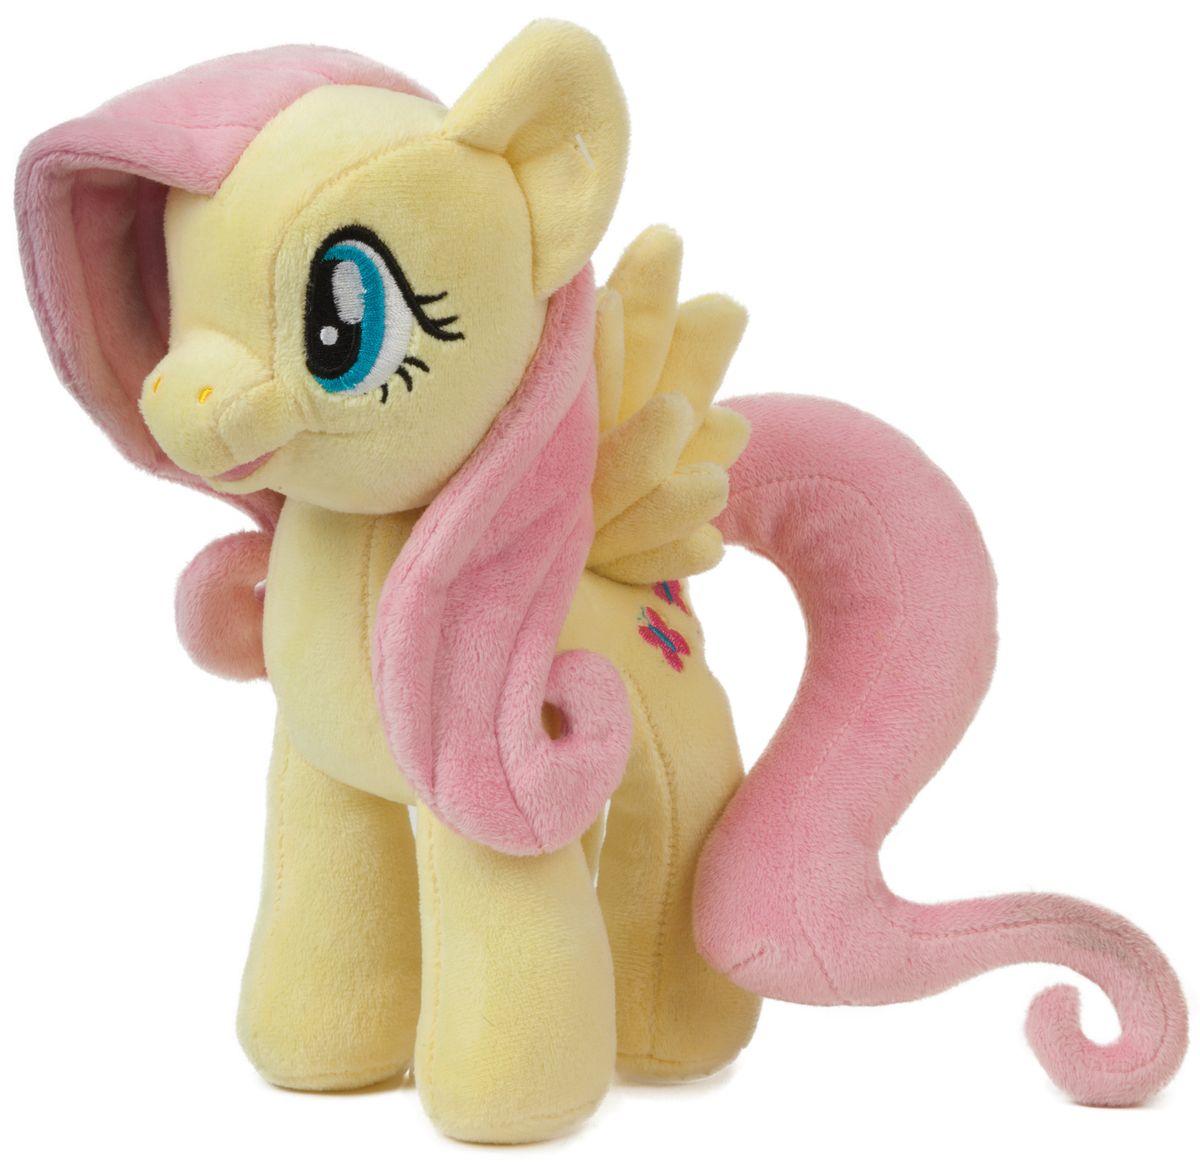 Мульти-Пульти Мягкая игрушка Пони Флаттершай 23 см игрушка пони фото